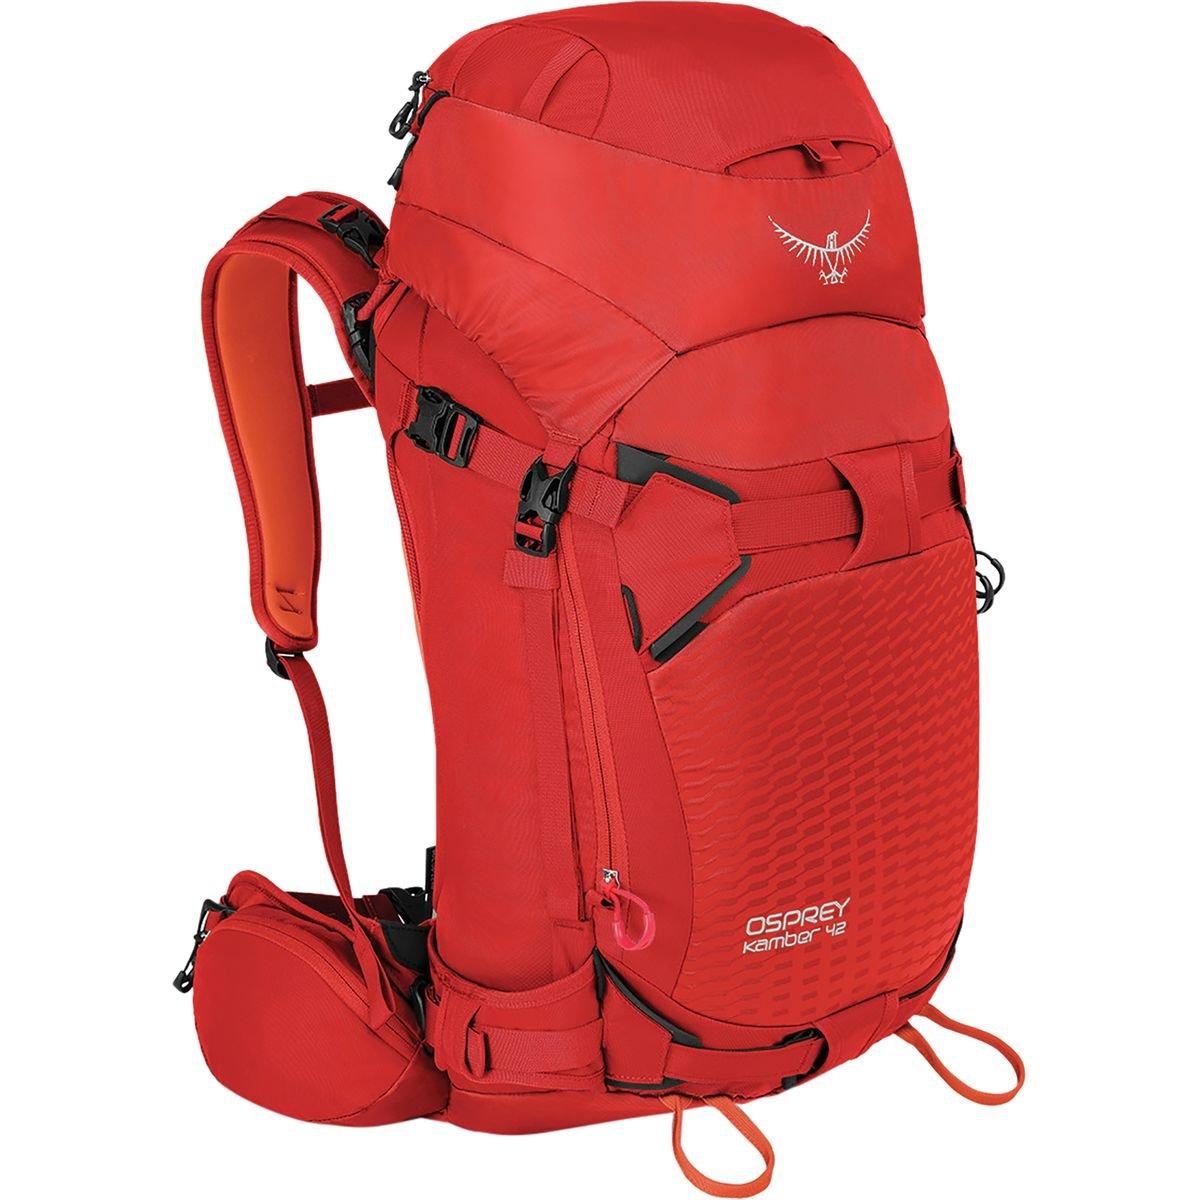 [オスプレーパック] メンズ バックパックリュックサック Kamber 42L Backpack [並行輸入品] B07BWDFG8V  Small / Medium